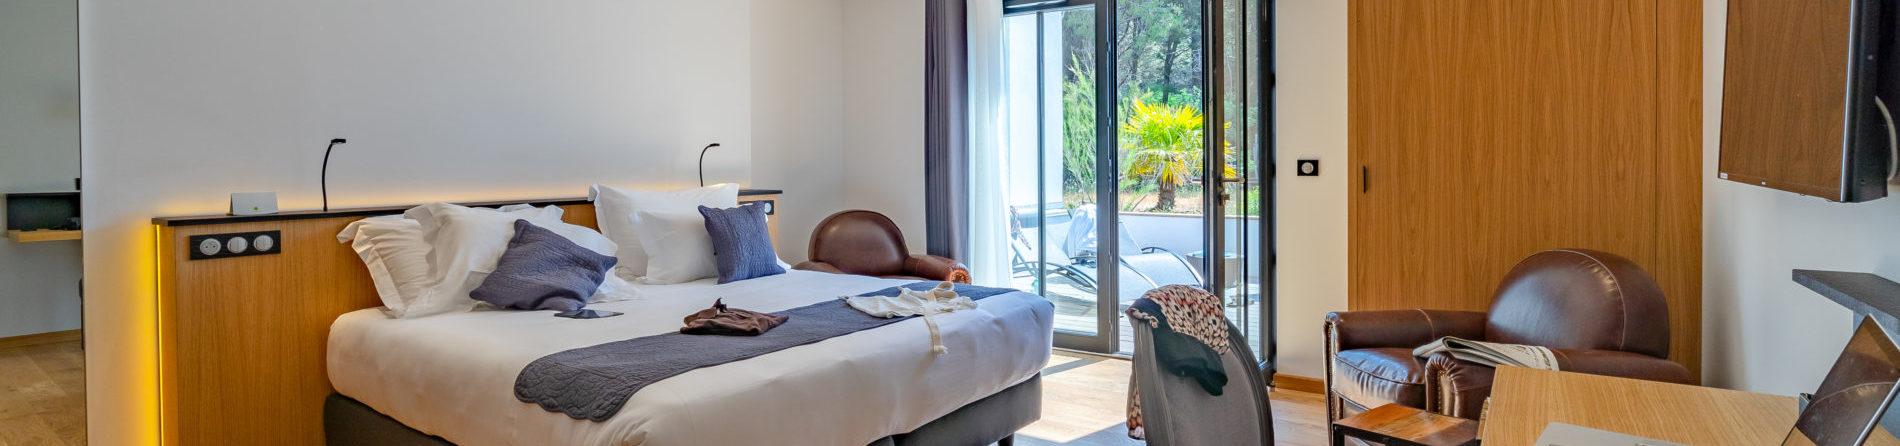 chambres h tel l 39 le de r h tel spa restaurant au bois plage en r. Black Bedroom Furniture Sets. Home Design Ideas